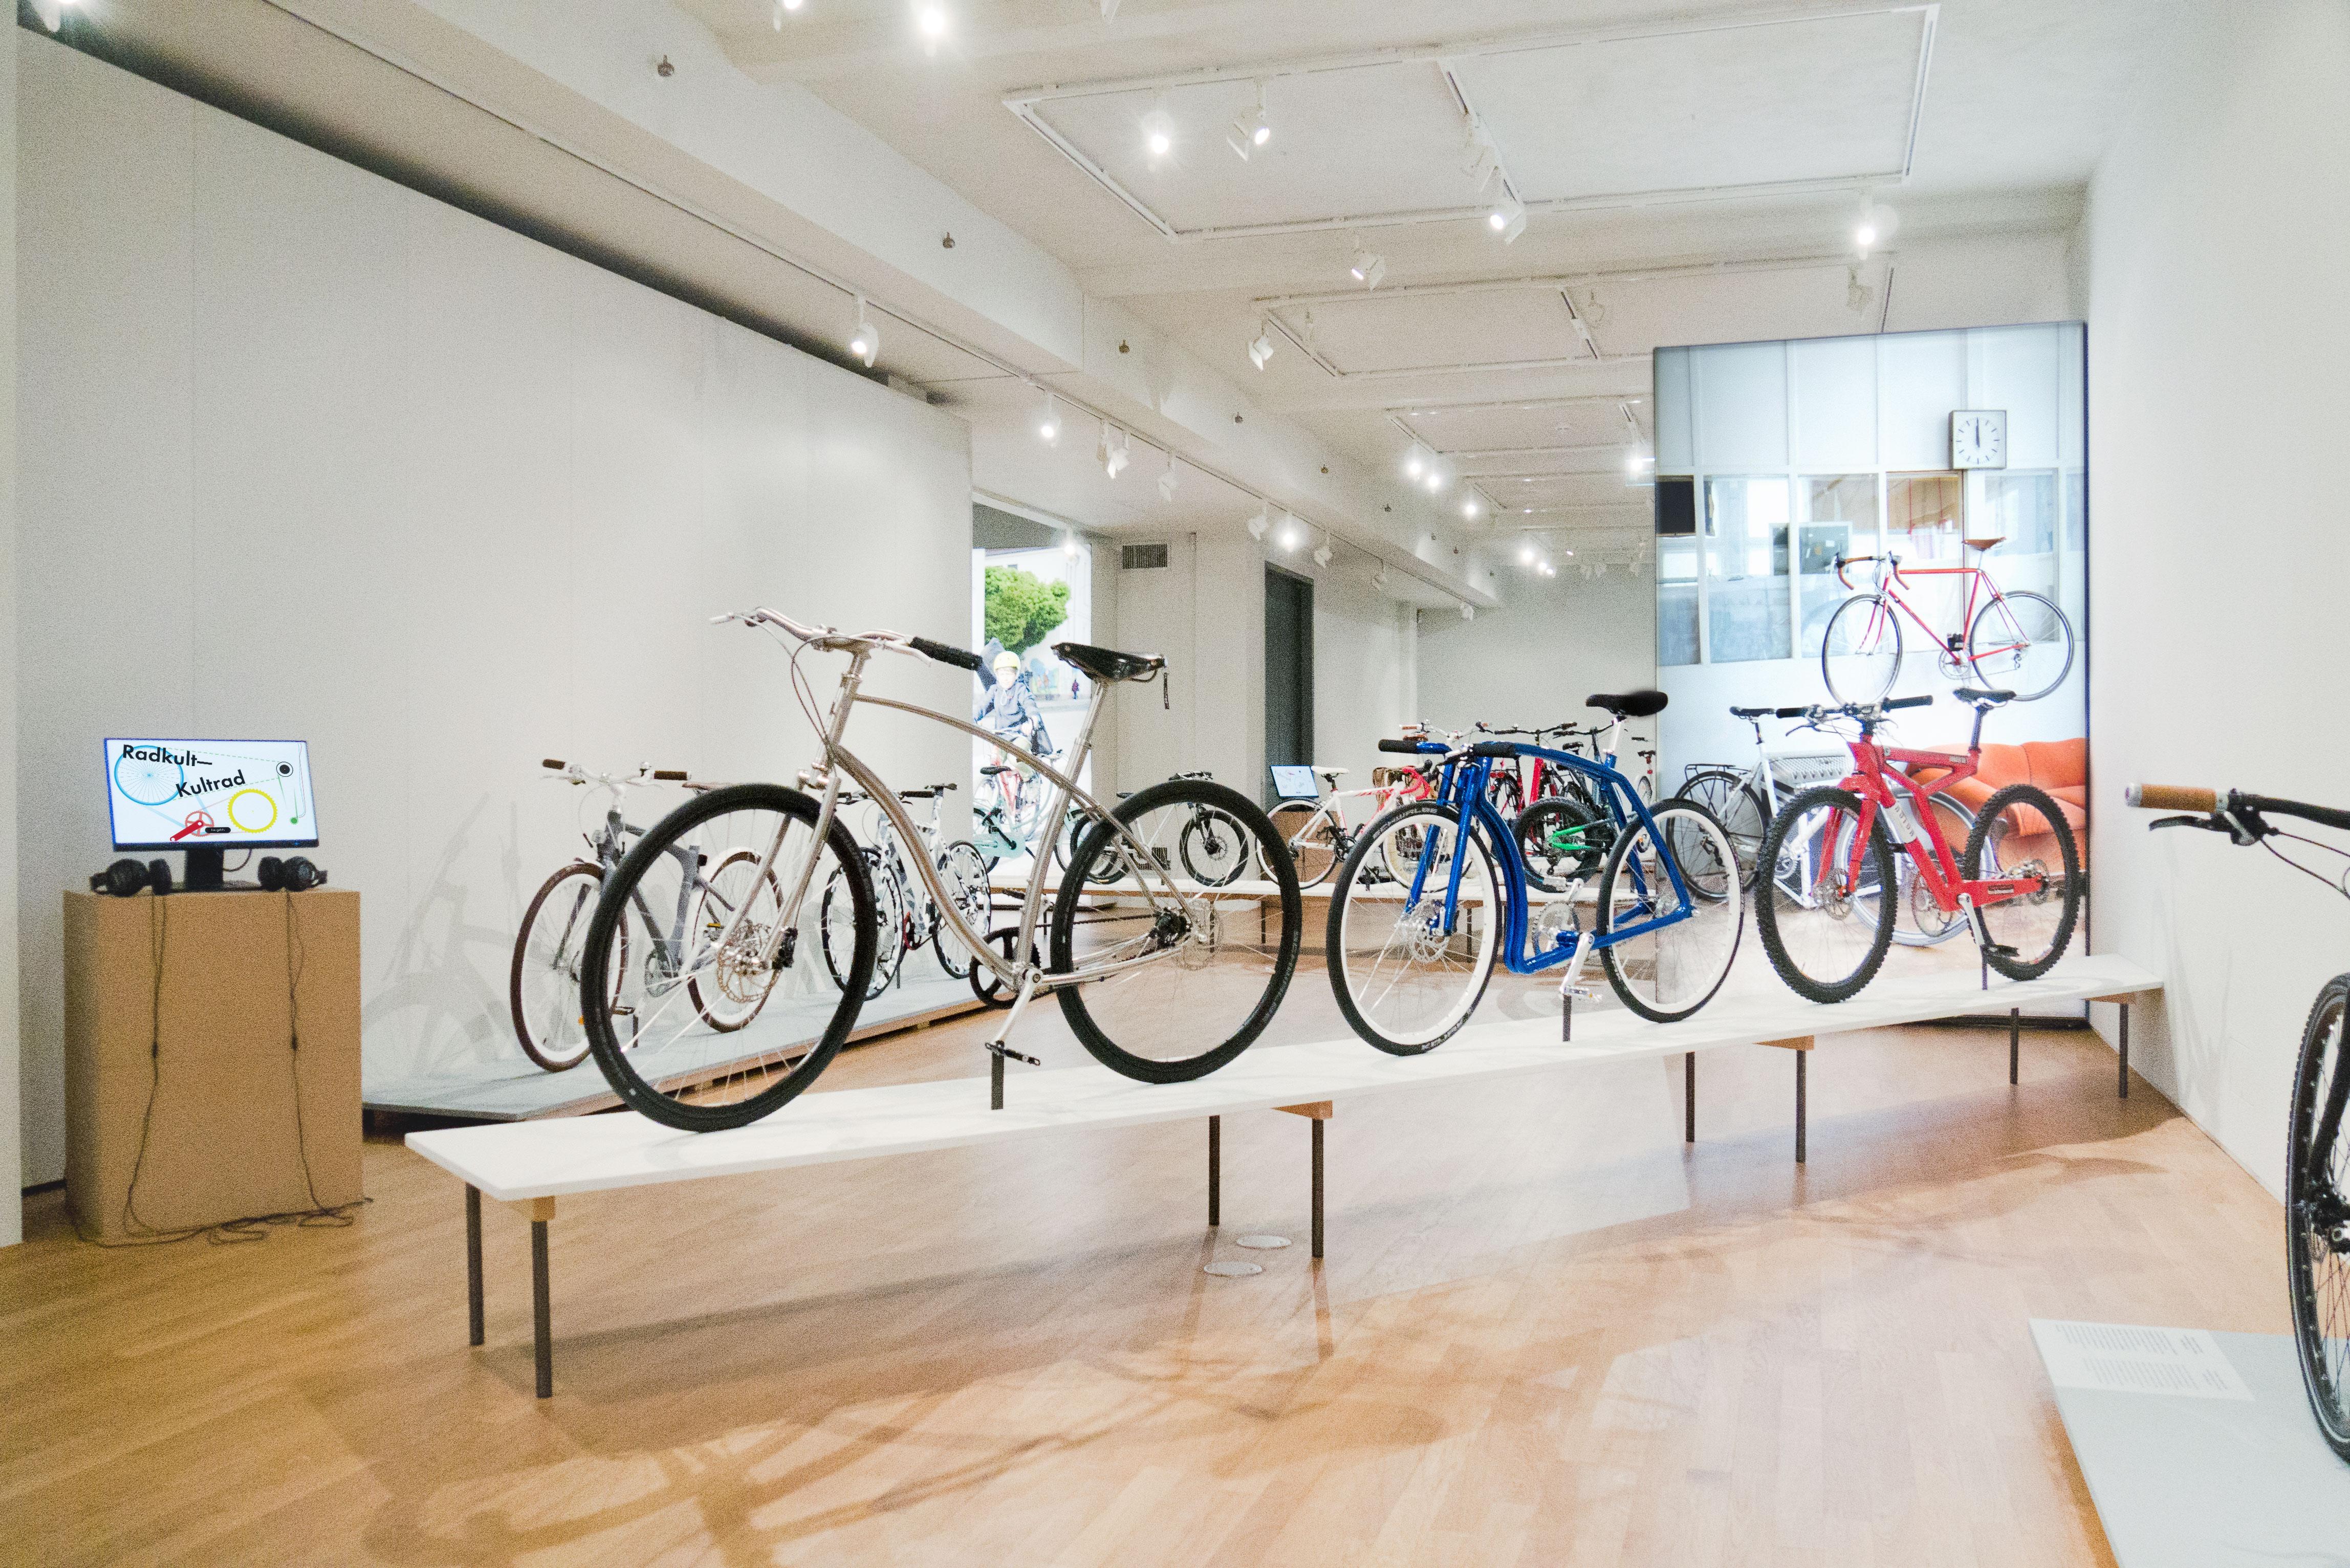 Innenaufnahme der Ausstellung mit Fahrrädern die extravagante Rahmenformen haben